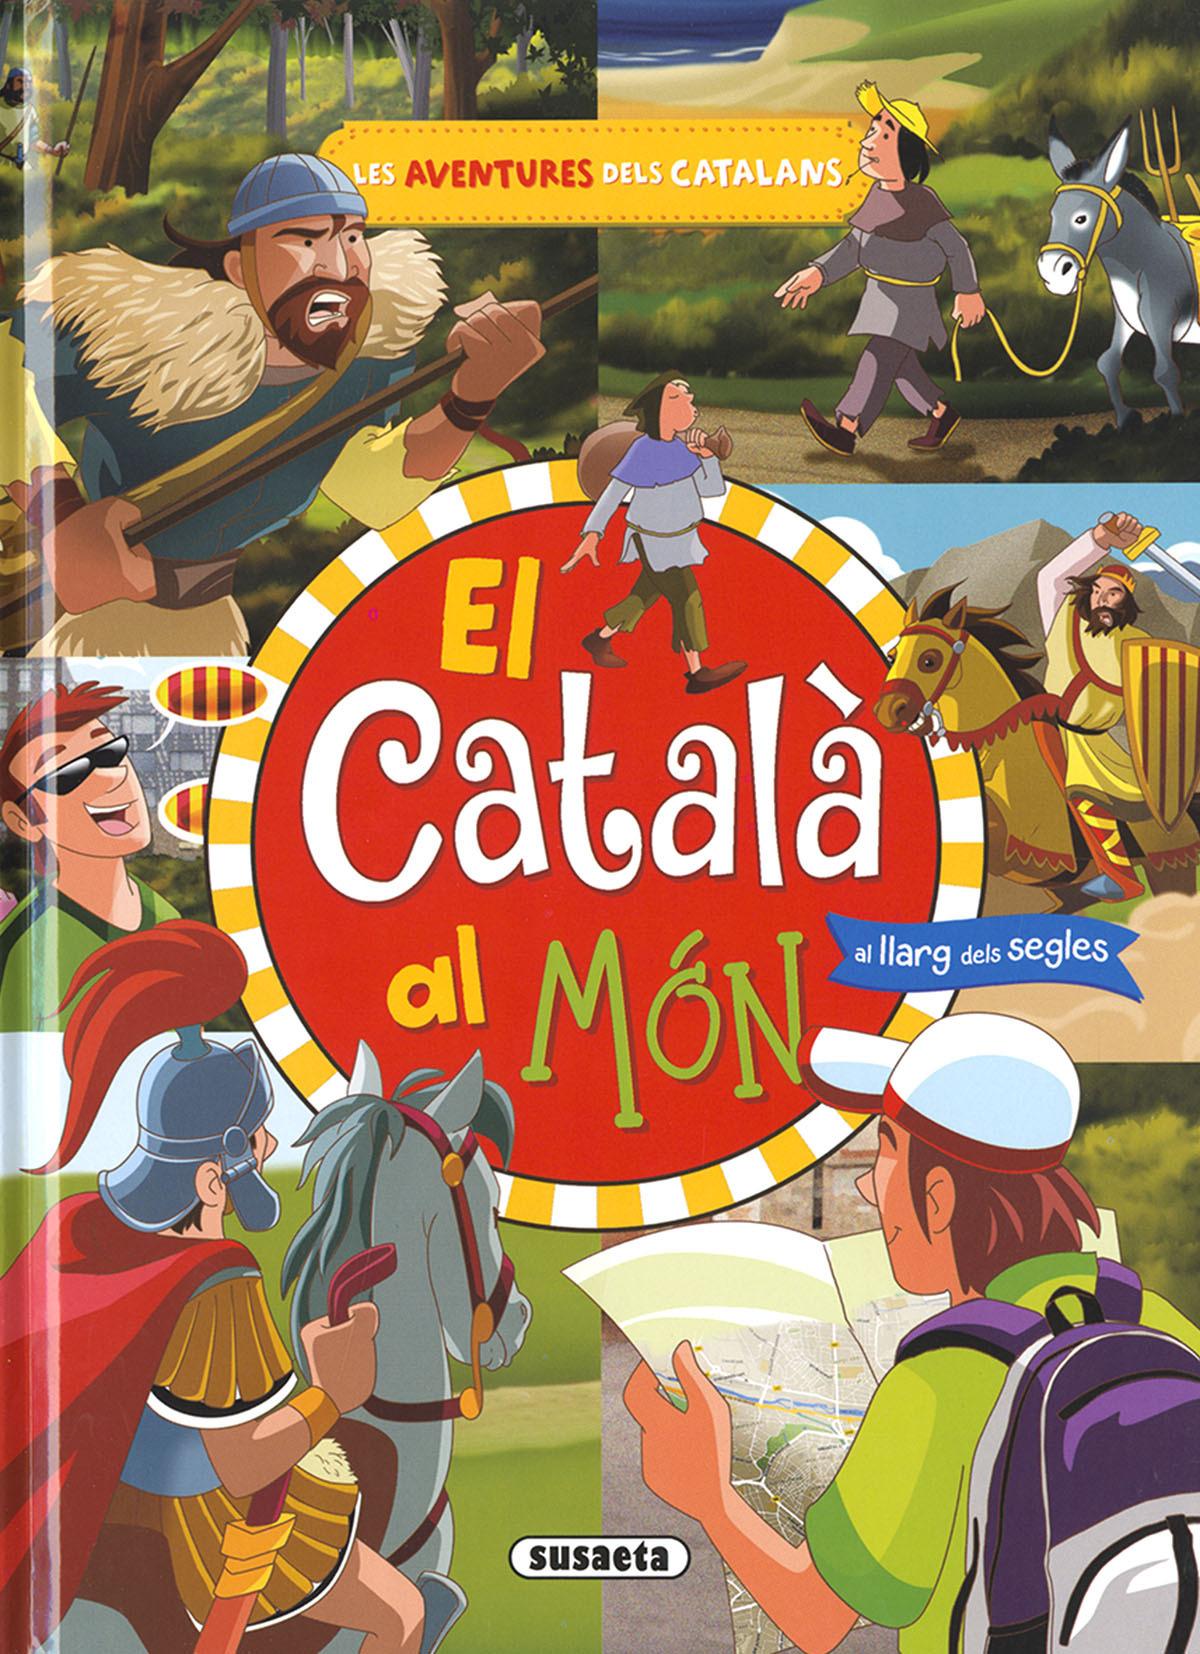 El català al món